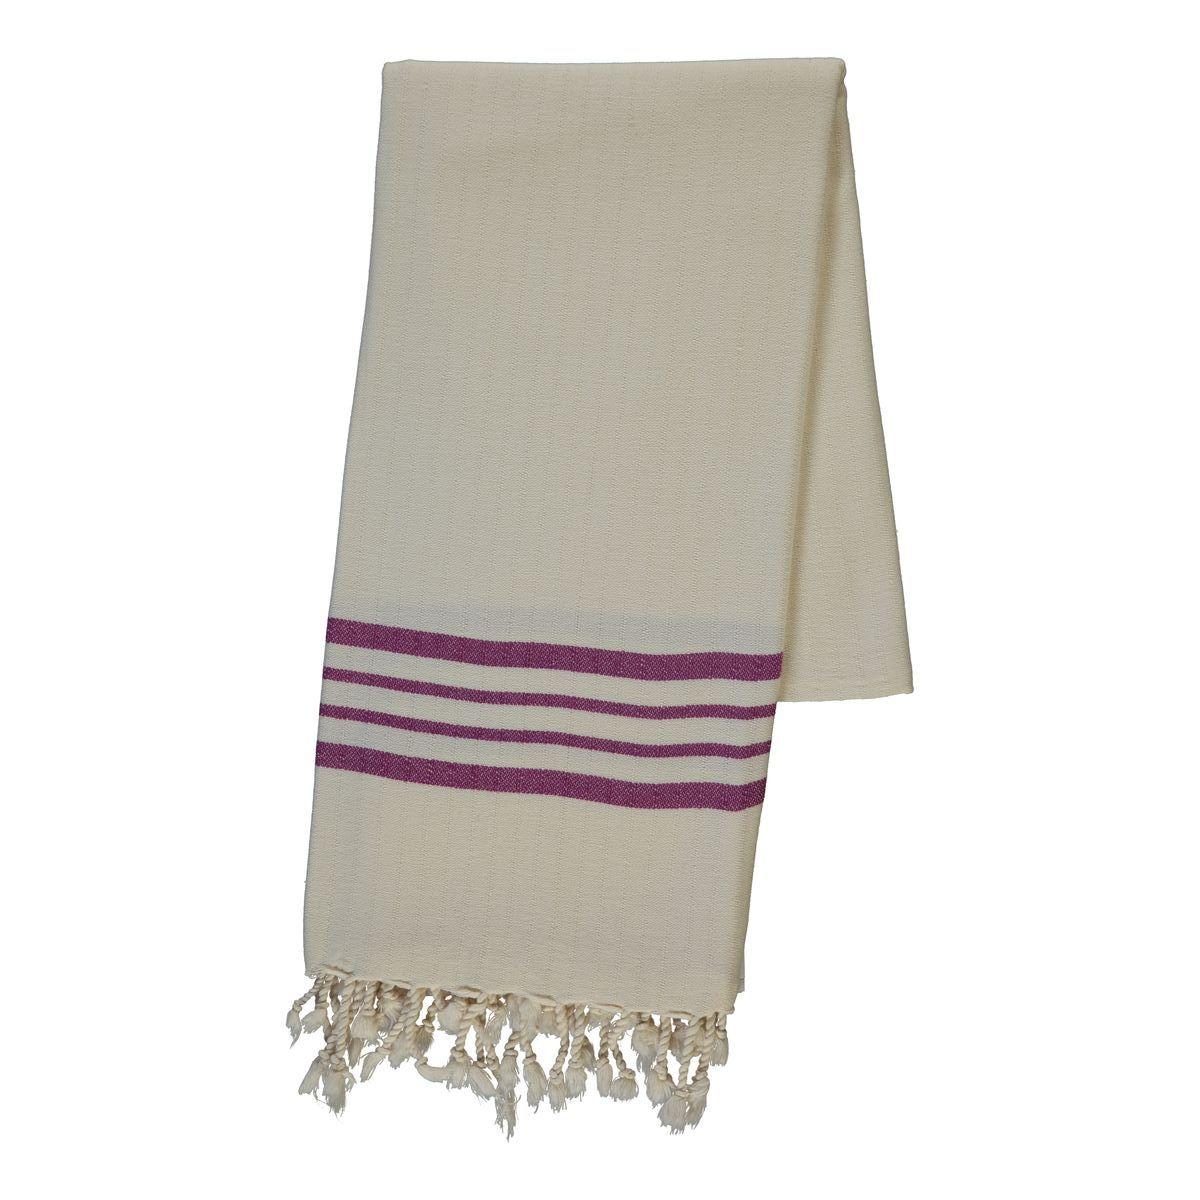 Peshtemal Sultan - Light Purple Stripes